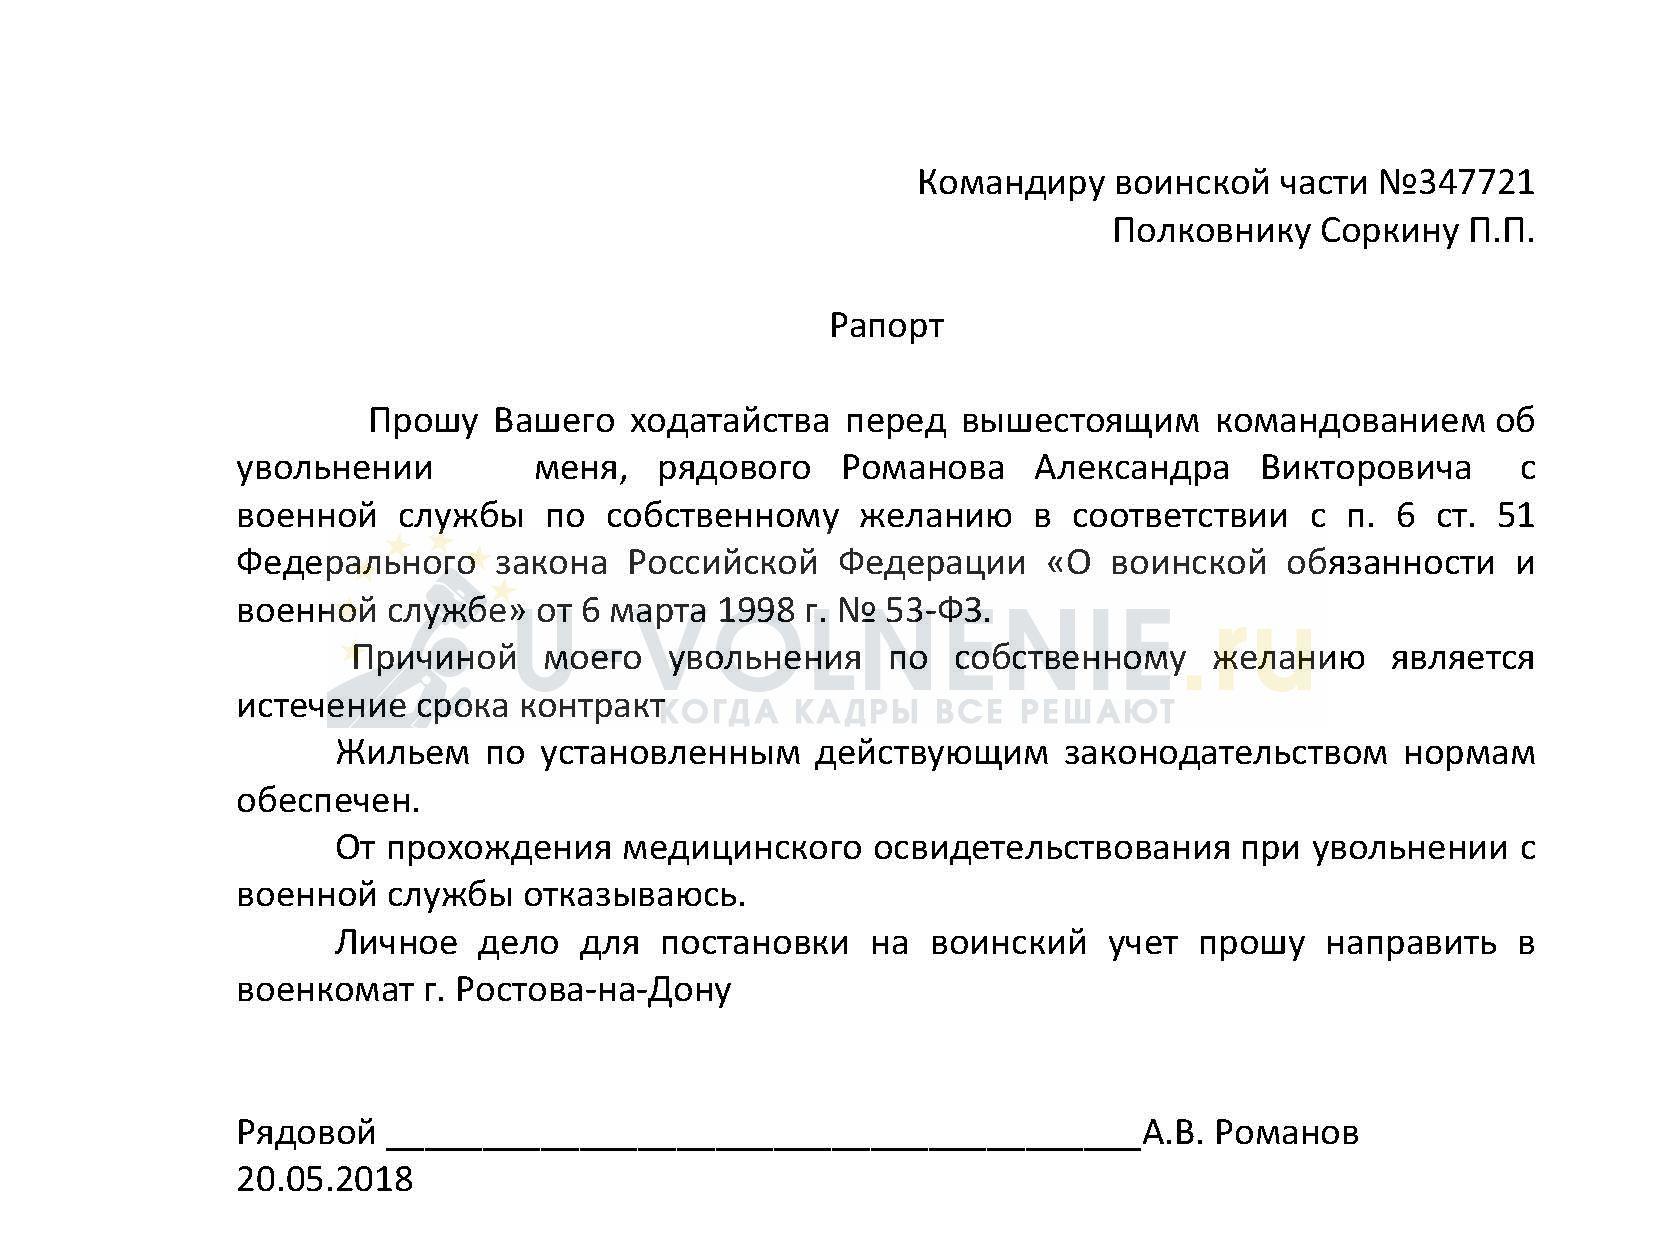 Образец рапорта об увольнение из армии по собственному желанию